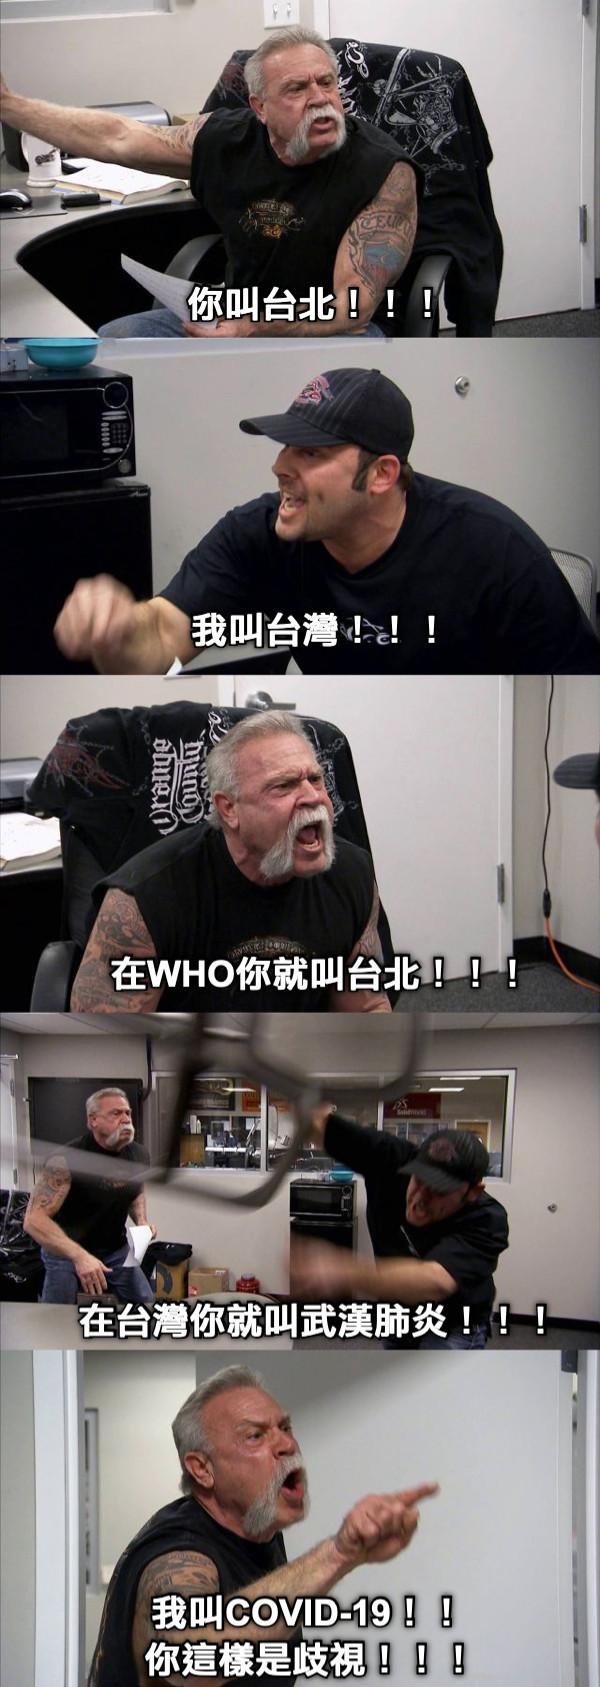 你叫台北!!! 我叫台灣!!! 在WHO你就叫台北!!! 在台灣你就叫武漢肺炎!!! 我叫COVID-19!! 你這樣是歧視!!!